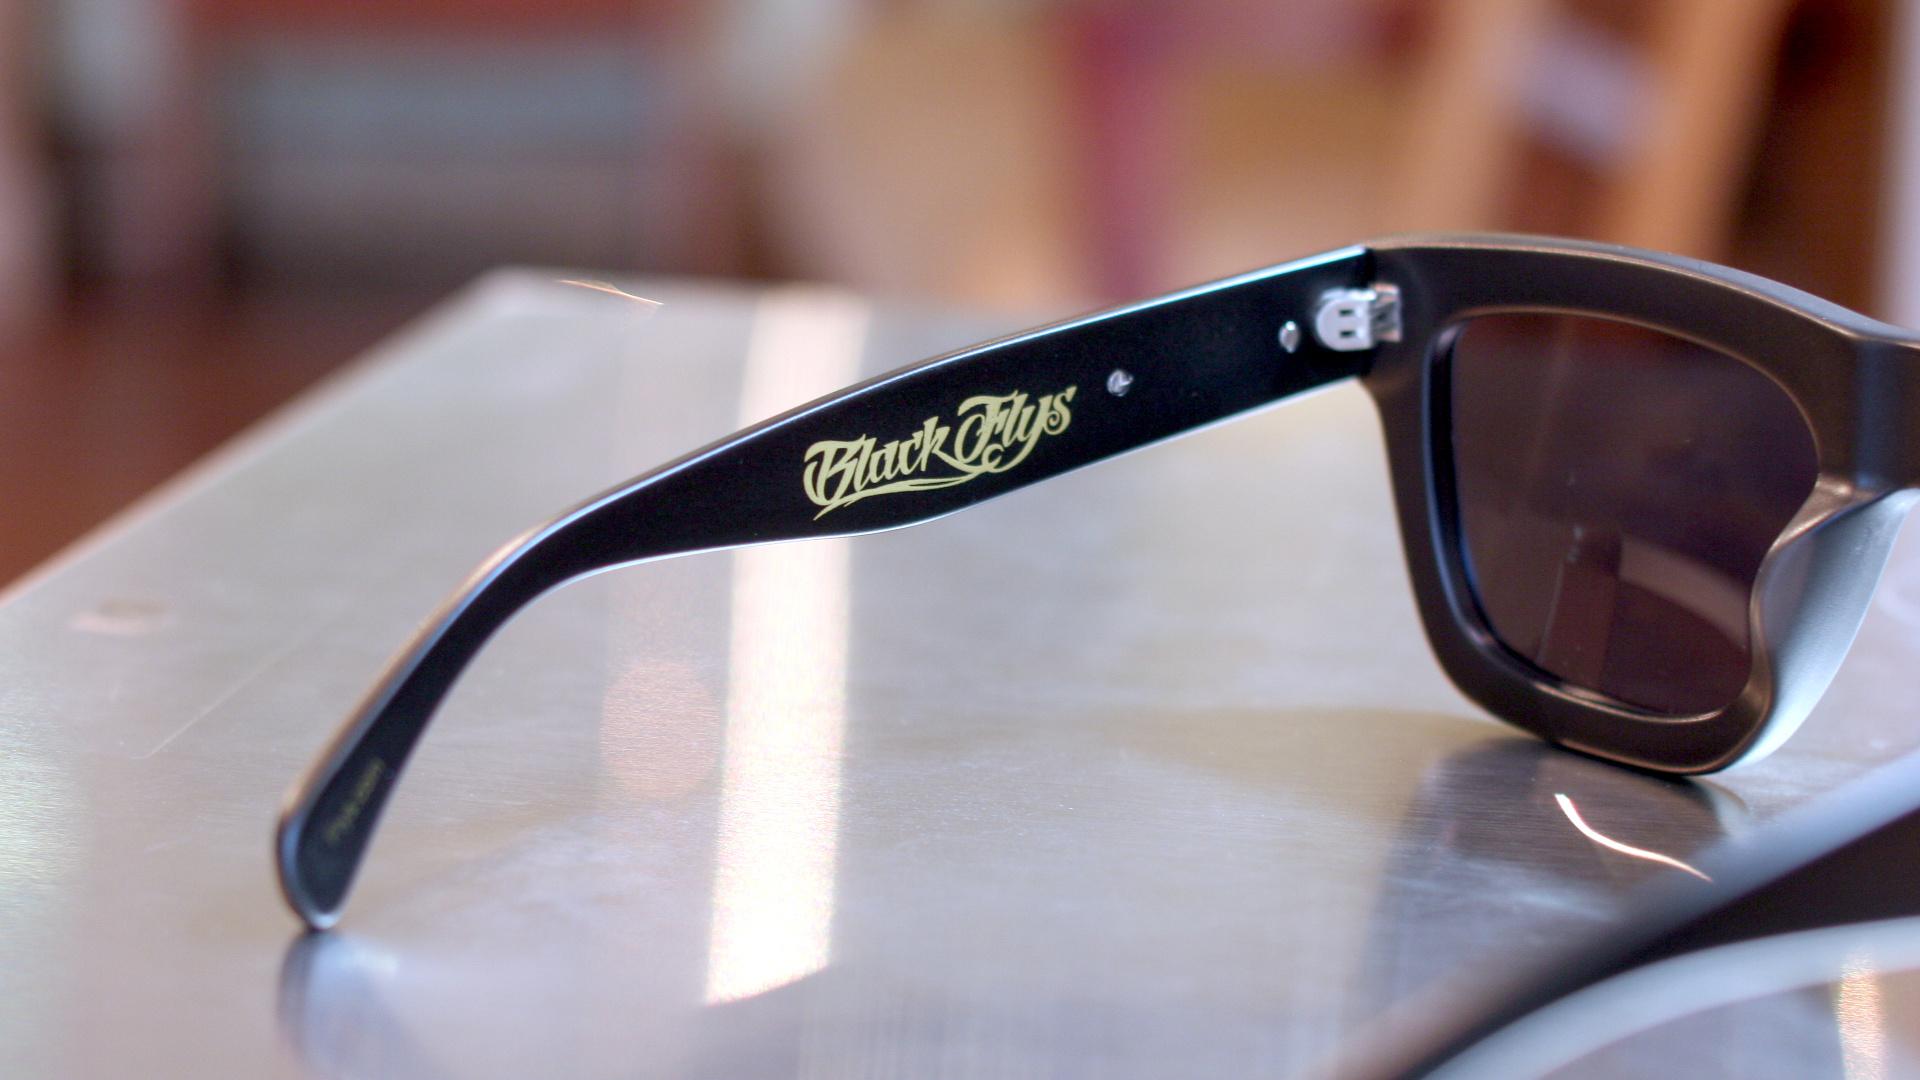 おシャレなサングラス BLACKFLYS | 静岡 海野眼鏡店